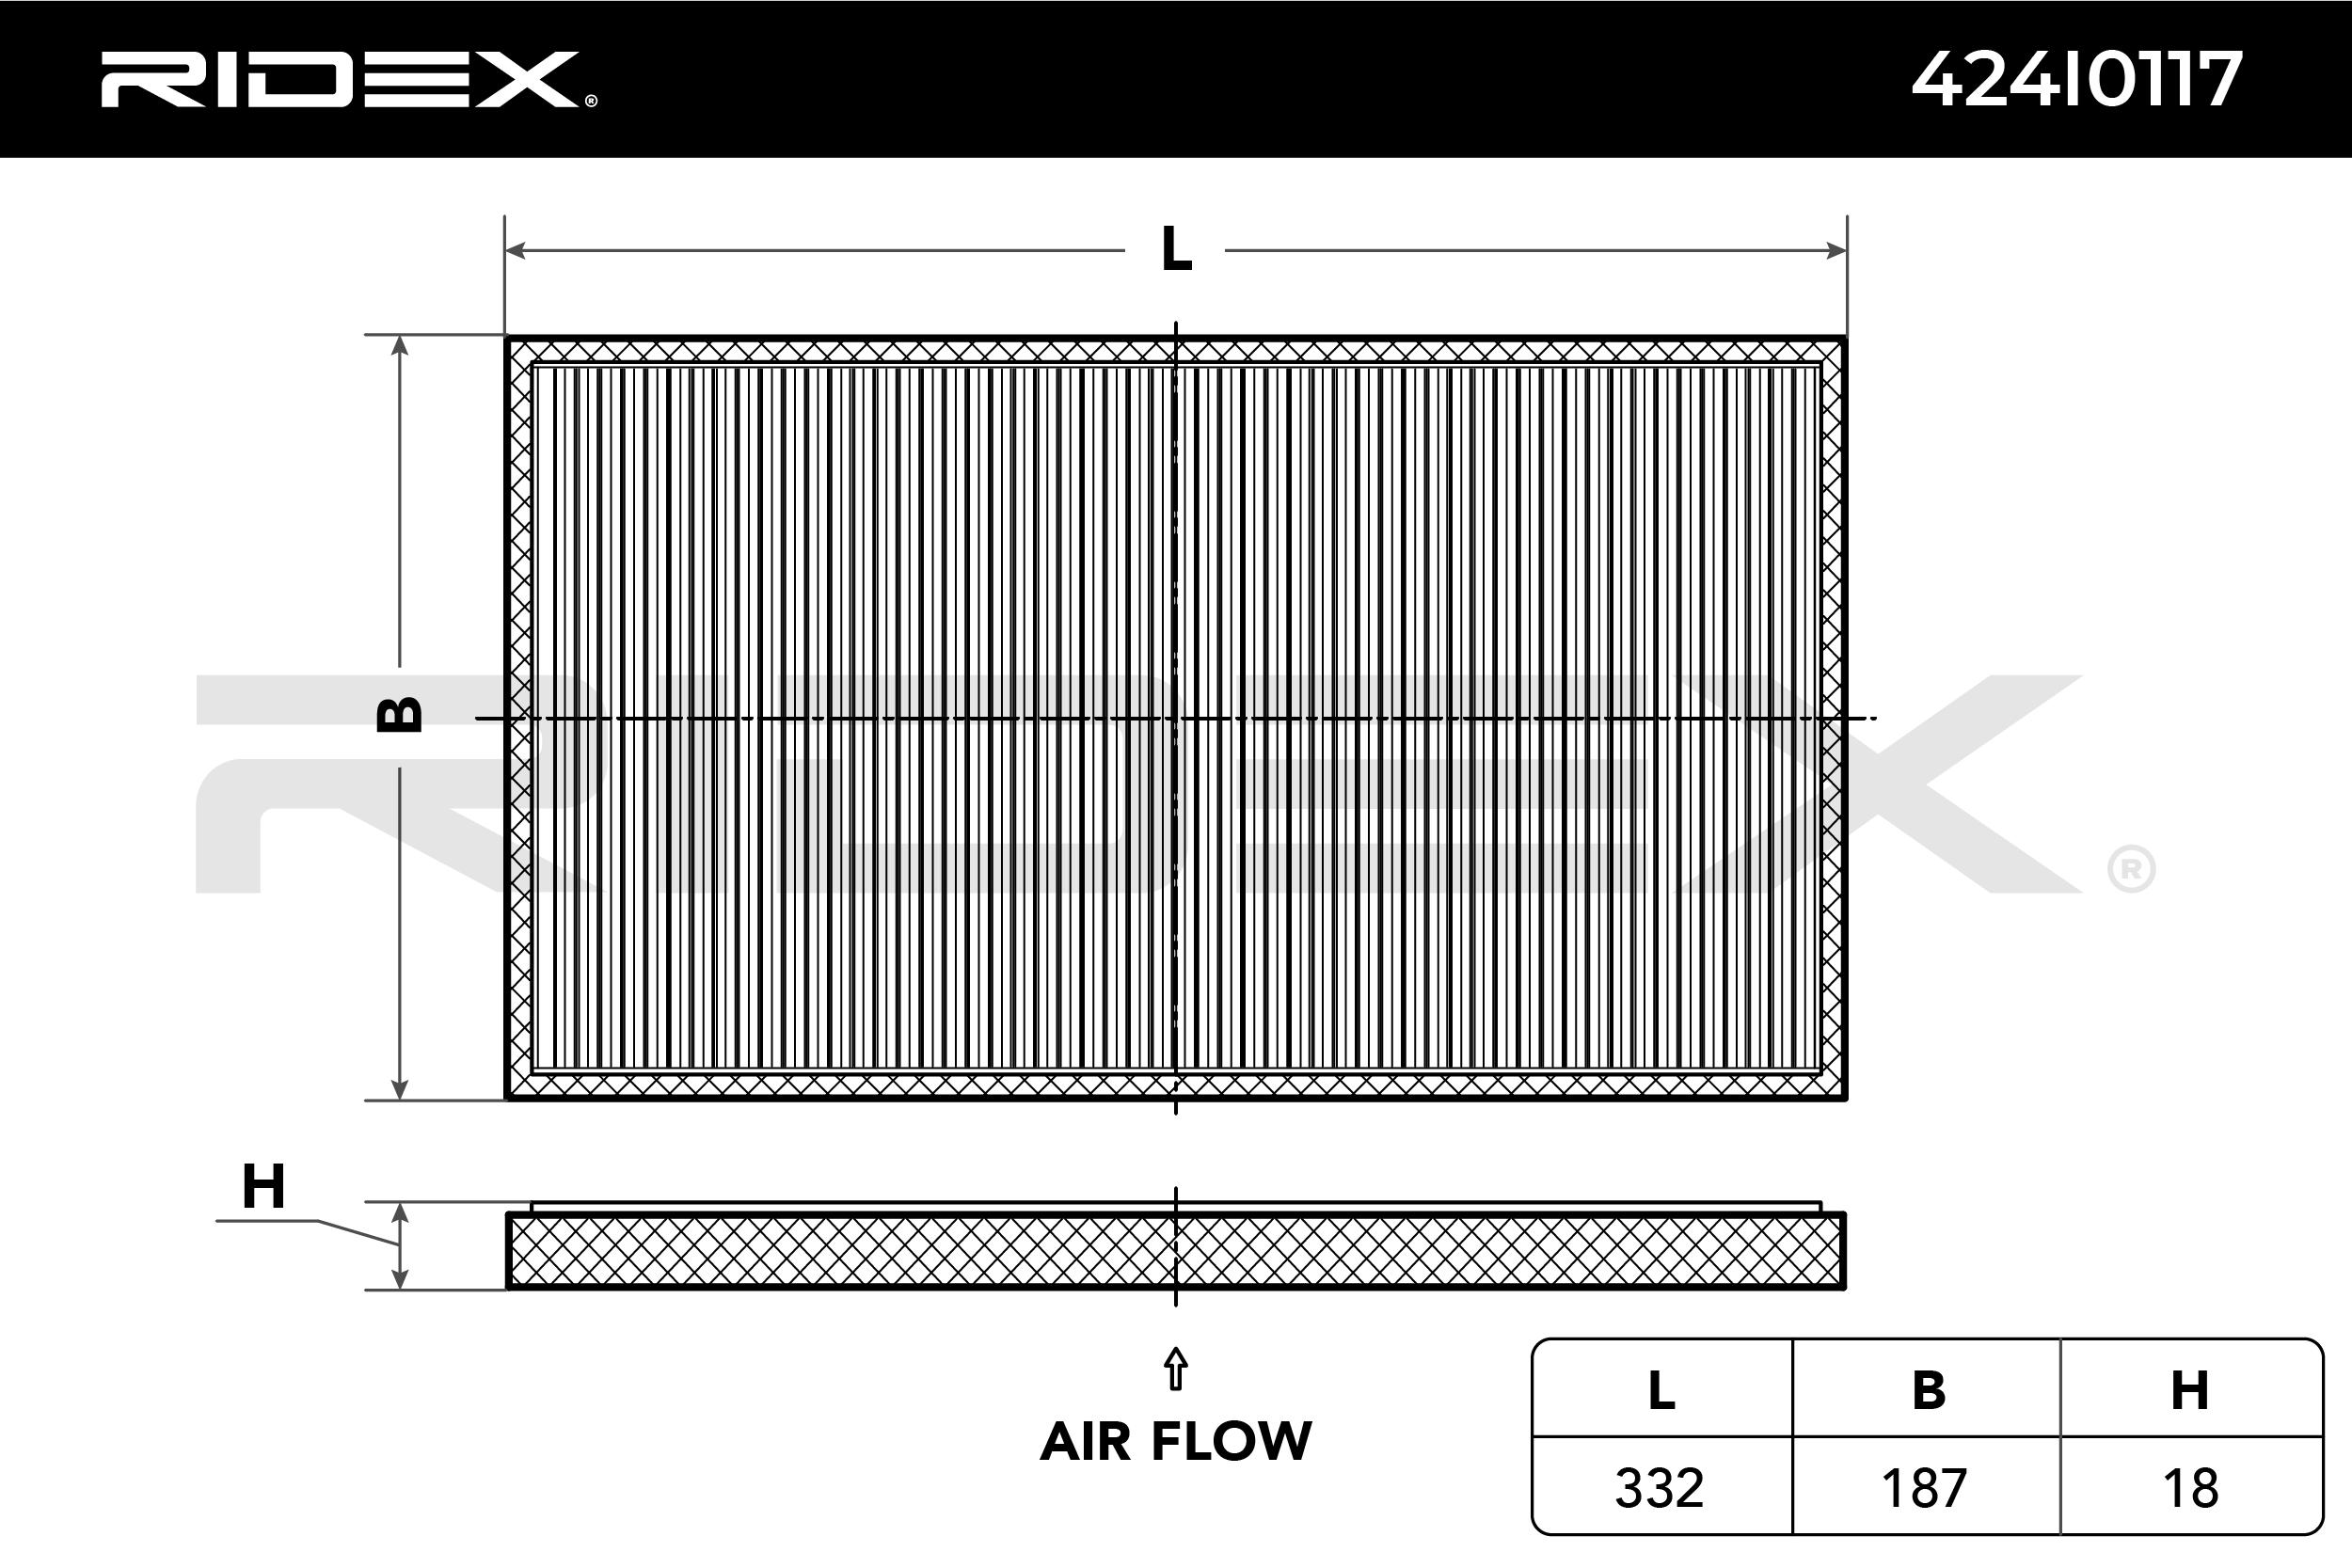 Cabin Filter RIDEX 424I0117 rating